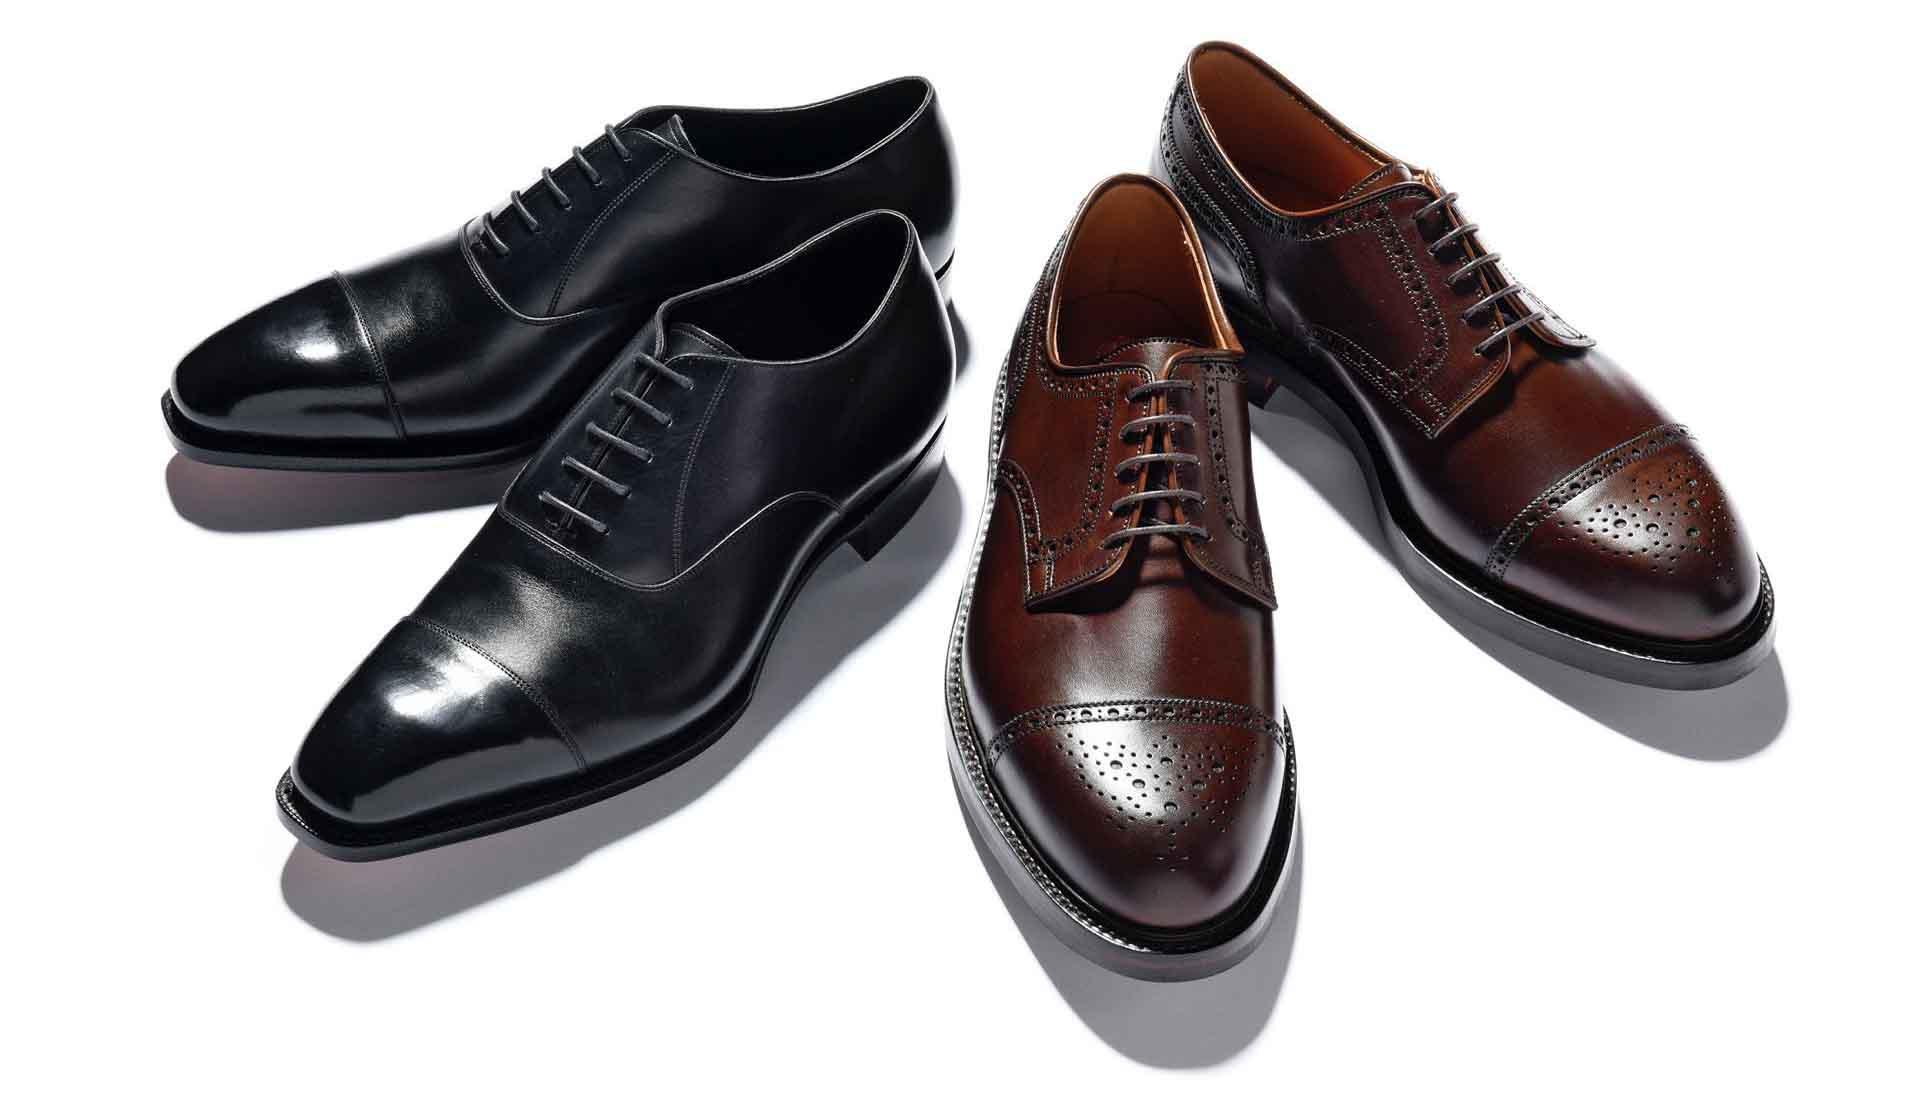 内羽と外羽根の靴